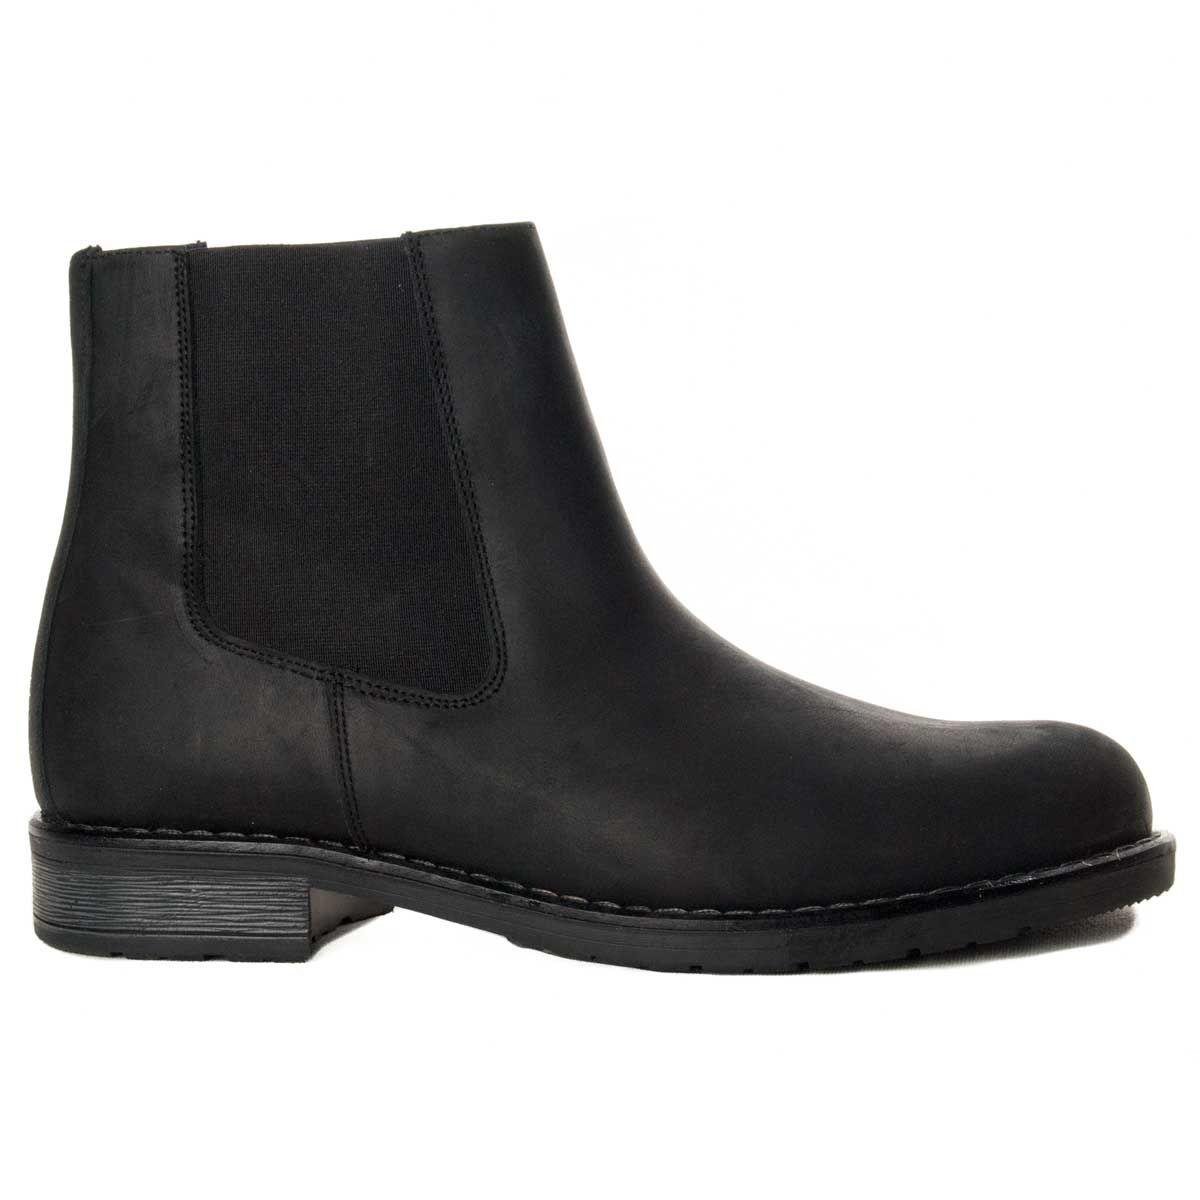 Purapiel Chelsea Boot in Black